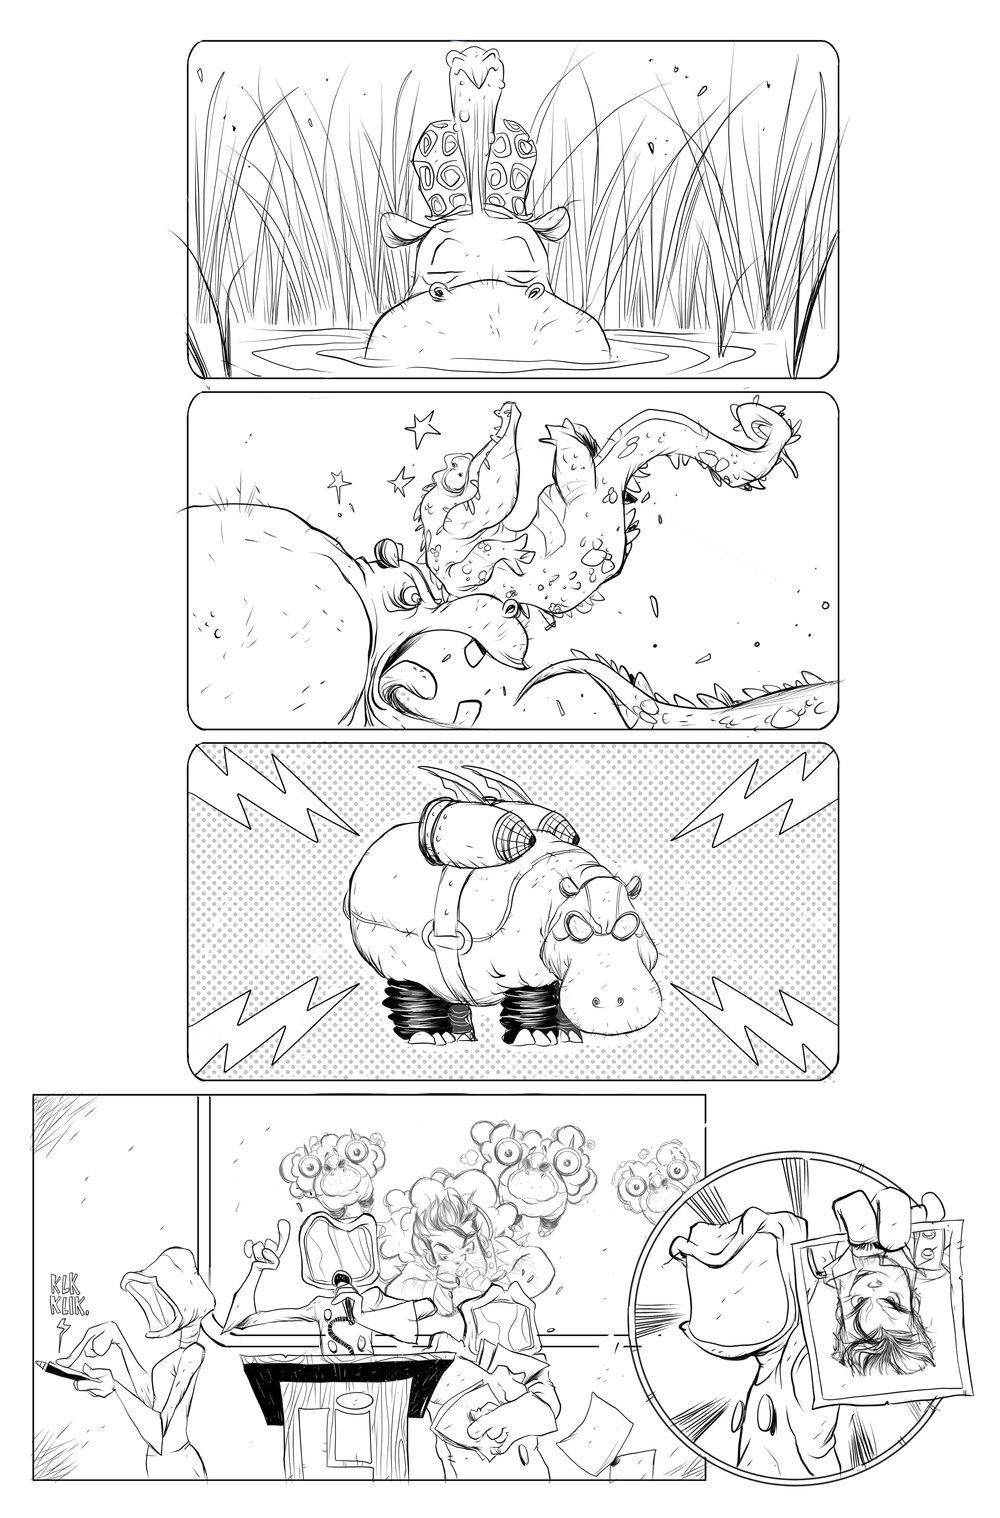 JETPACK3 PAGE2 INKS.jpg